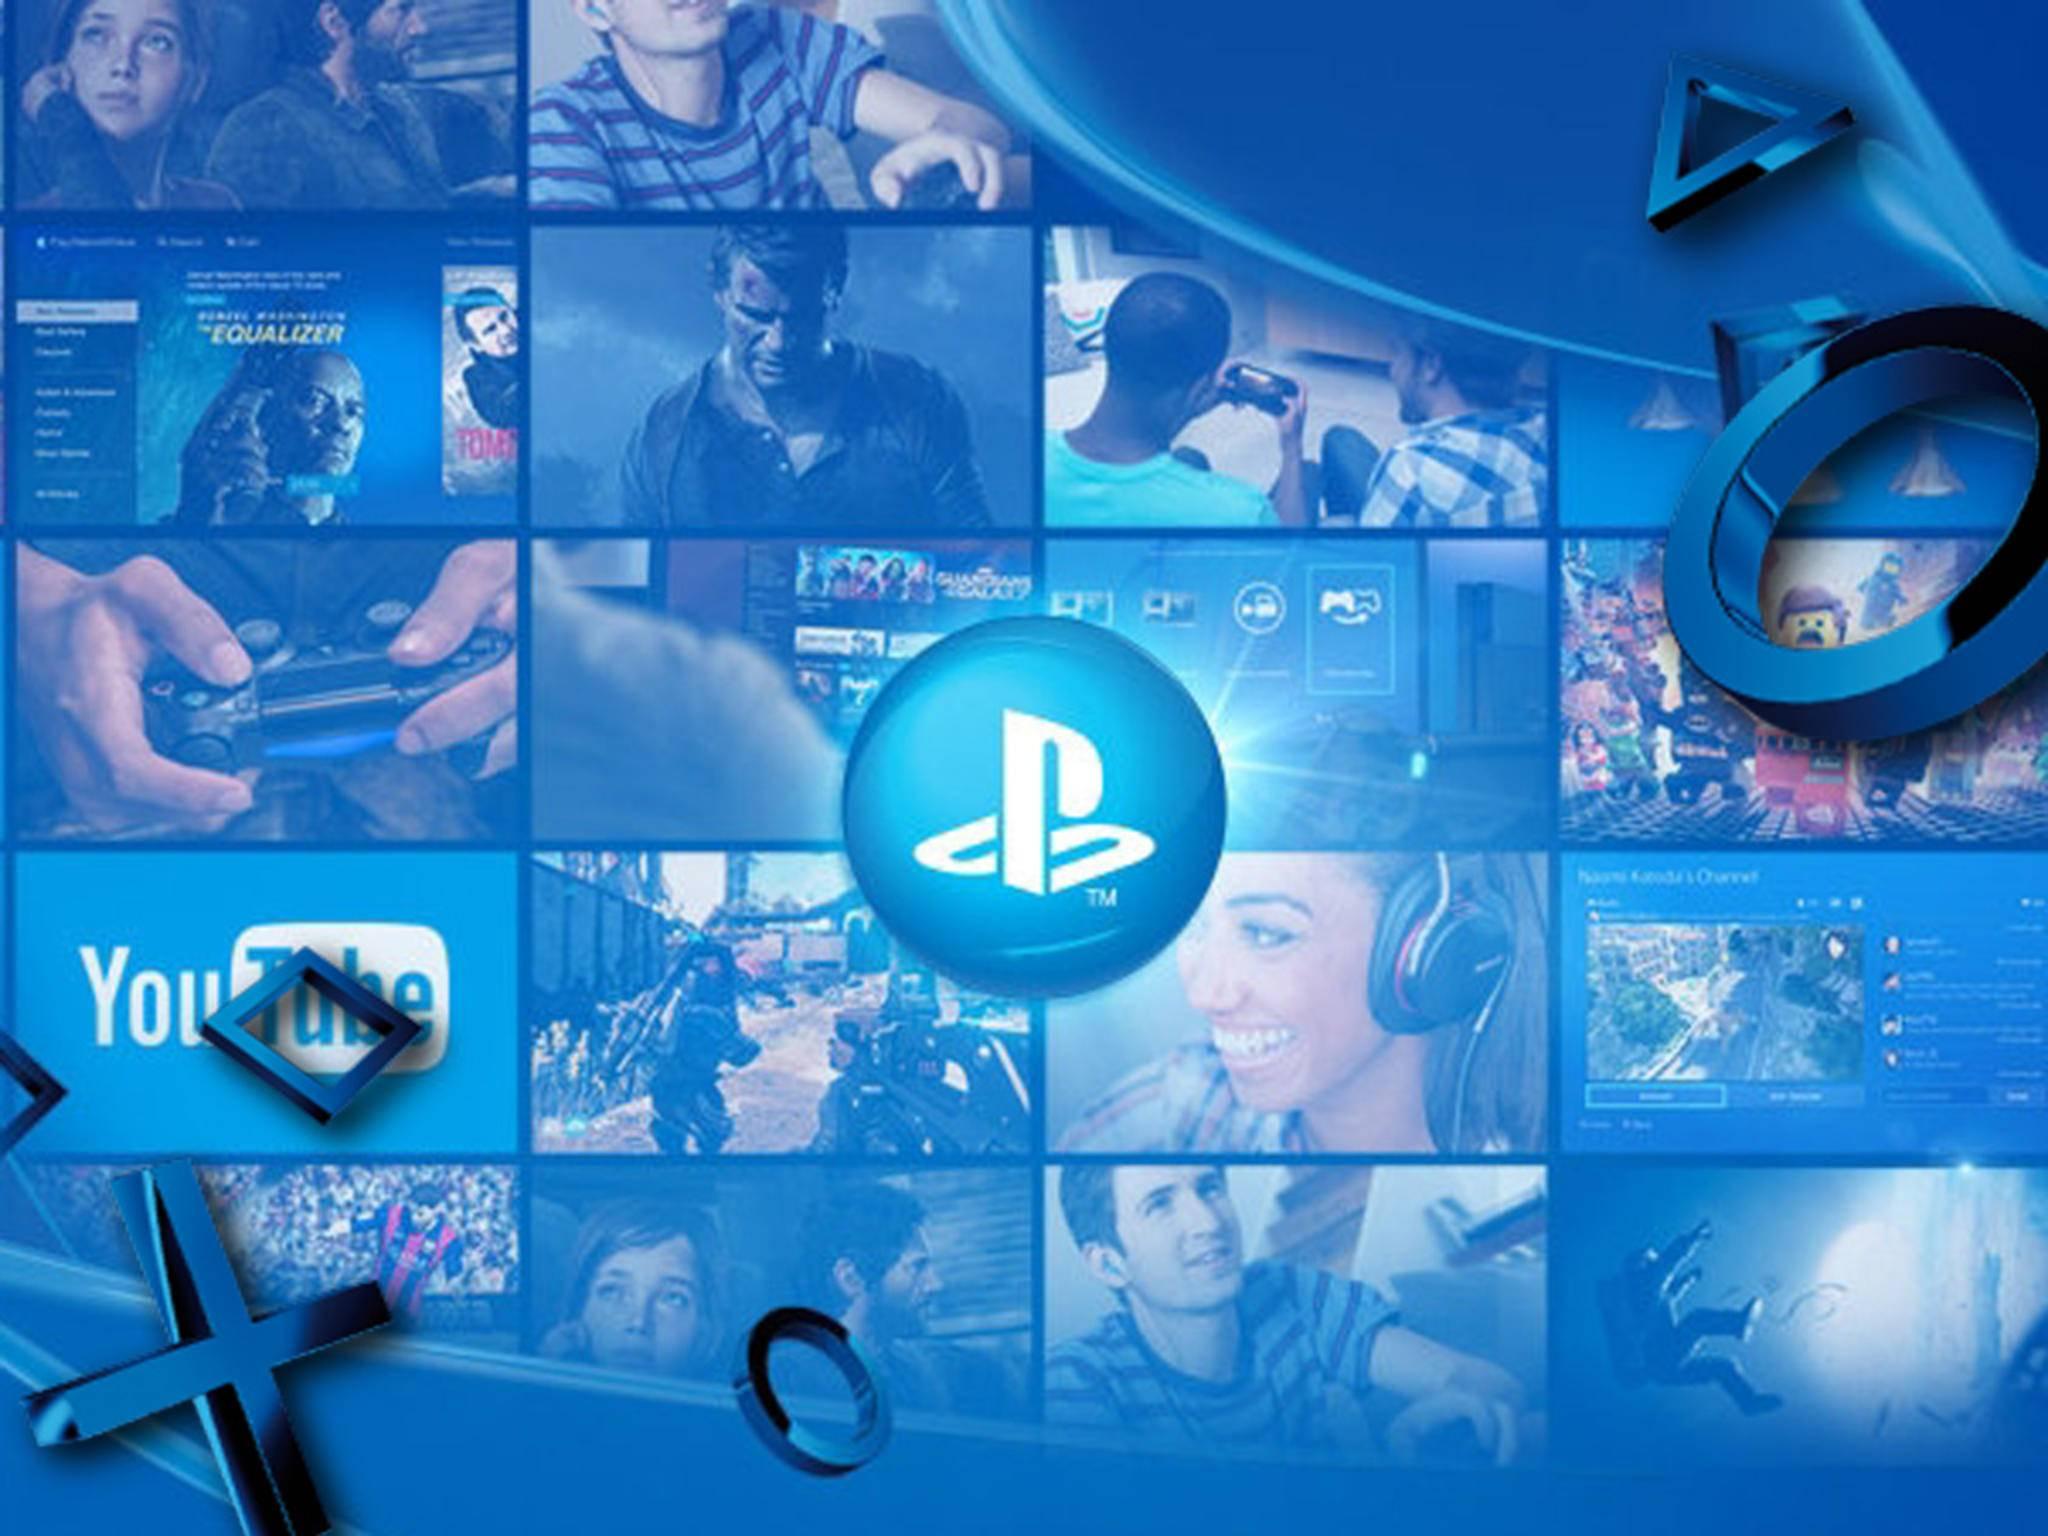 Das Playstation Network ist nach Ansicht vieler Nutzer verbesserungswürdig.